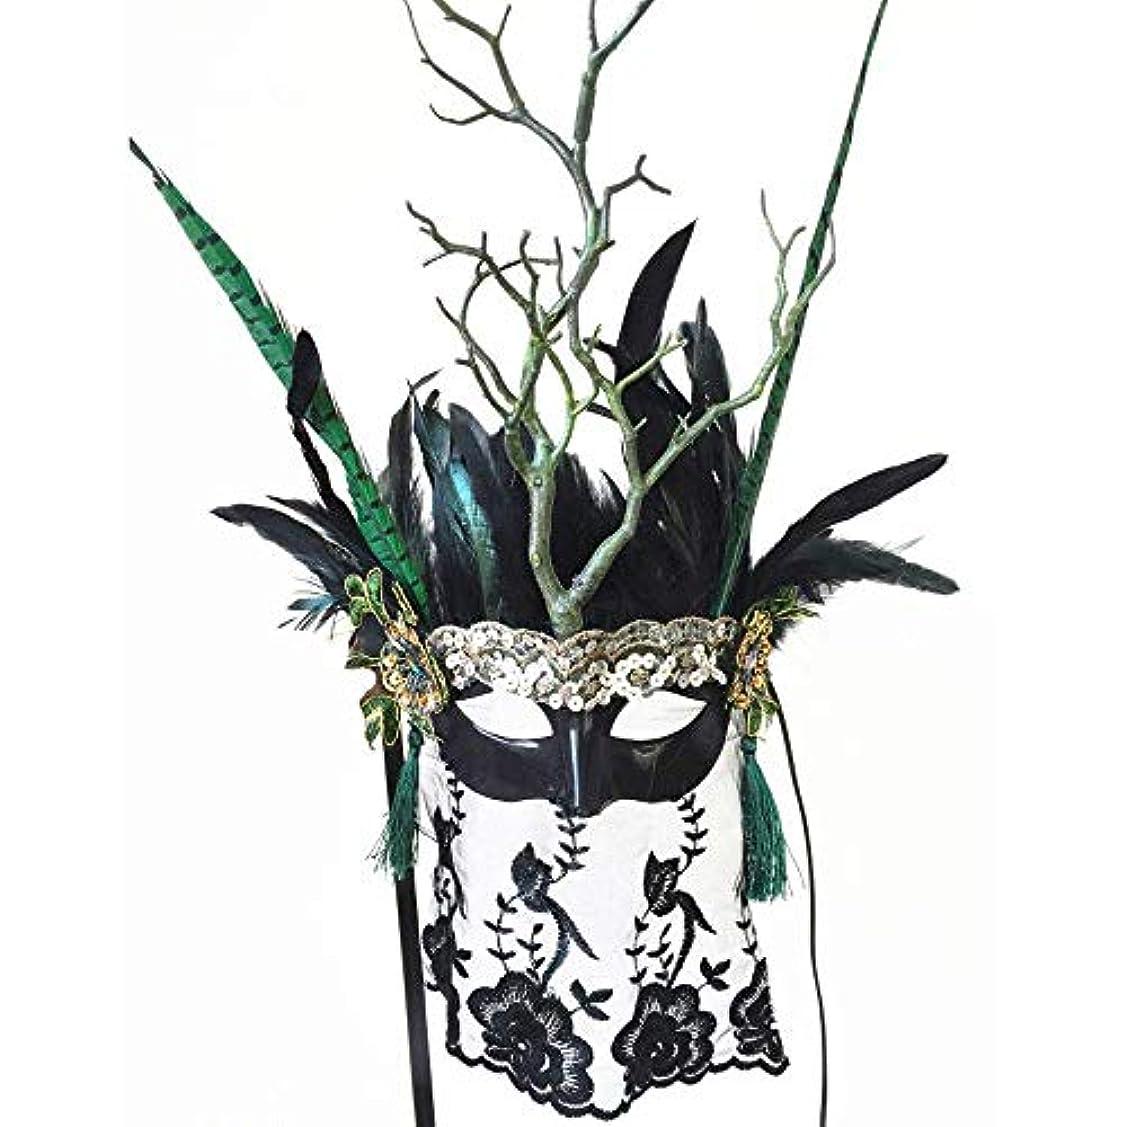 Nanle ハロウィーンクリスマスドライブランチレースフェザースパンコールタッセルベールマスク仮装マスクレディミスプリンセス美しさの祭りパーティー装飾マスク (色 : Style A)